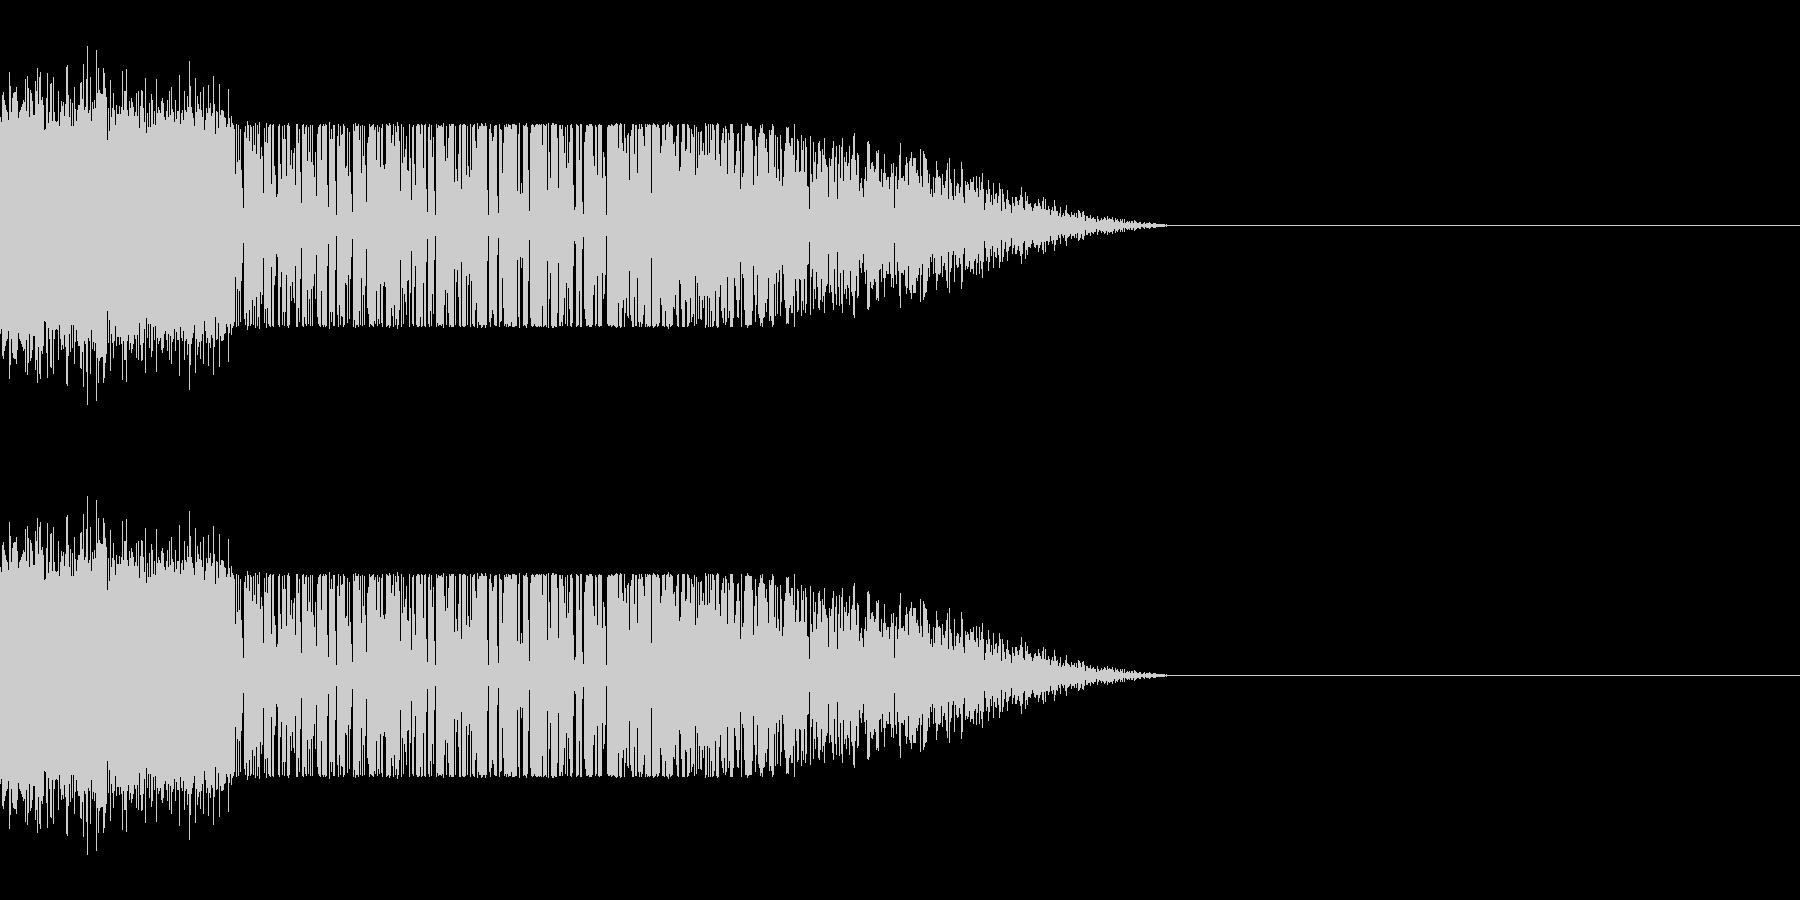 キュオン(パワーアップ/アイテム入手)の未再生の波形